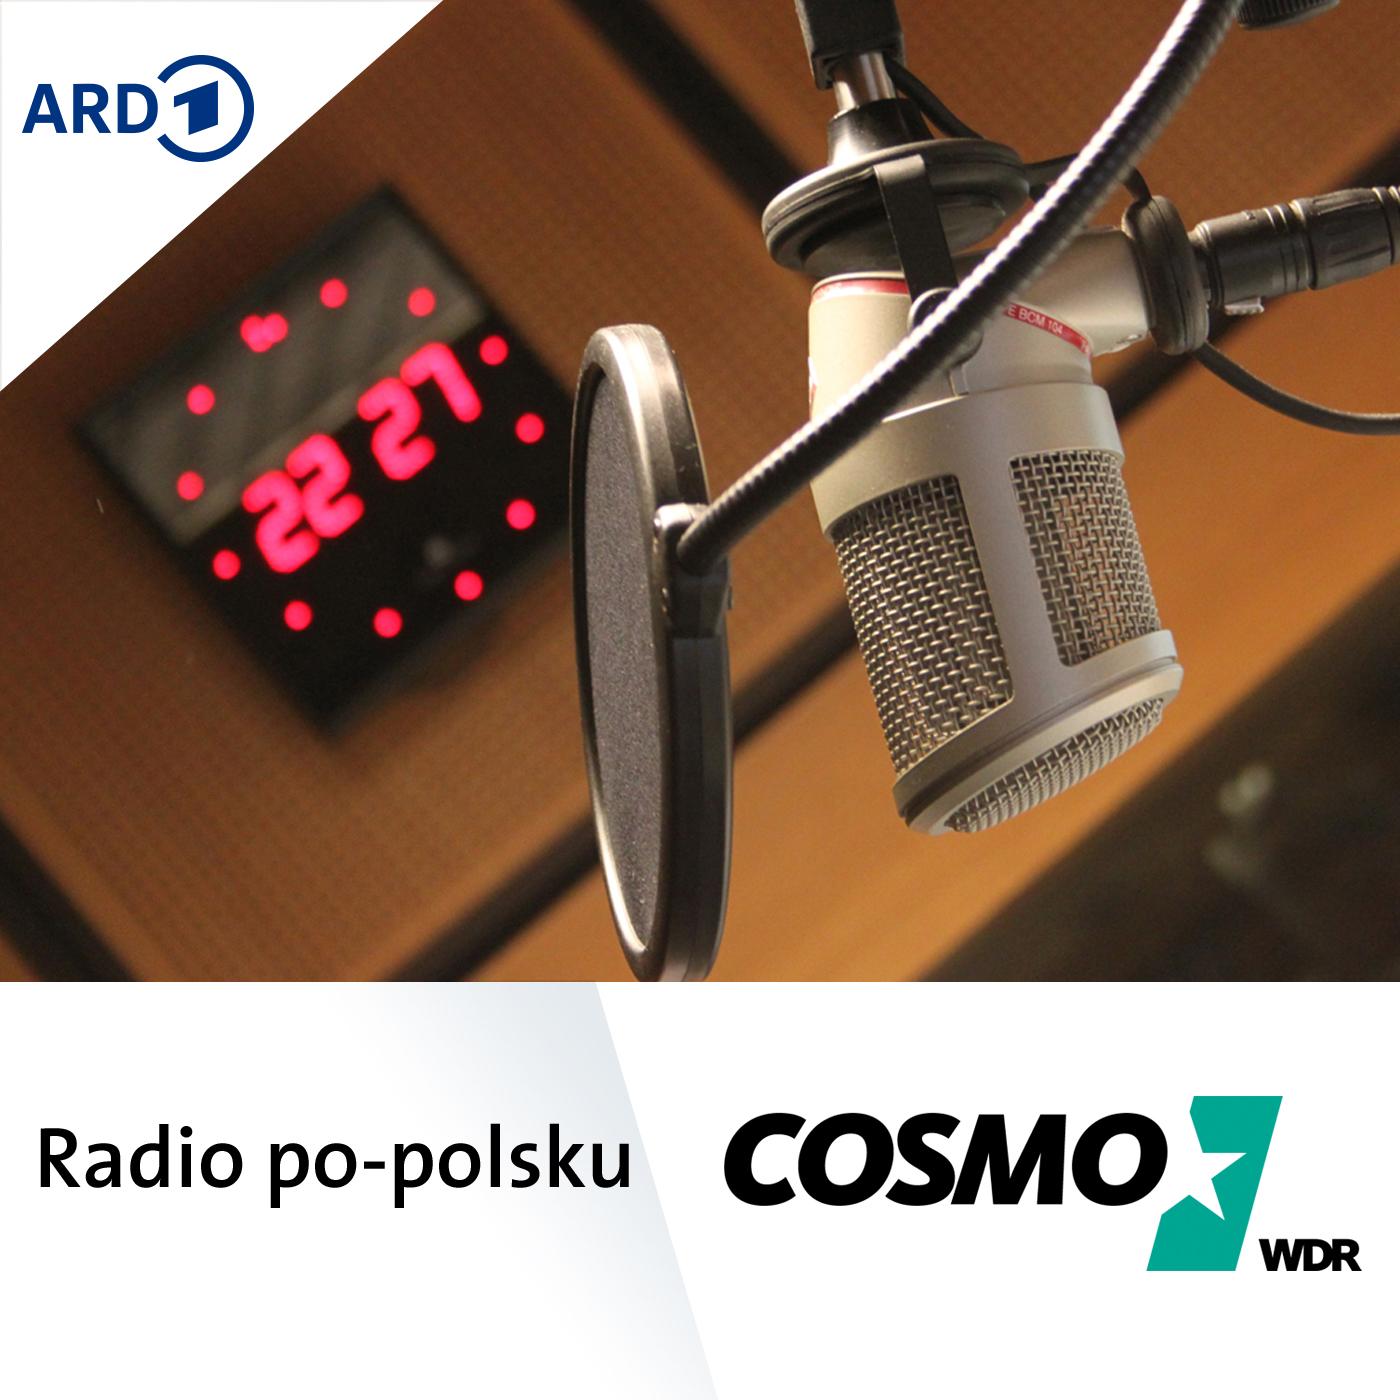 COSMO Radio po polsku - COSMO Radio po polsku - COSMO - WDR Audiothek -  Mediathek - WDR